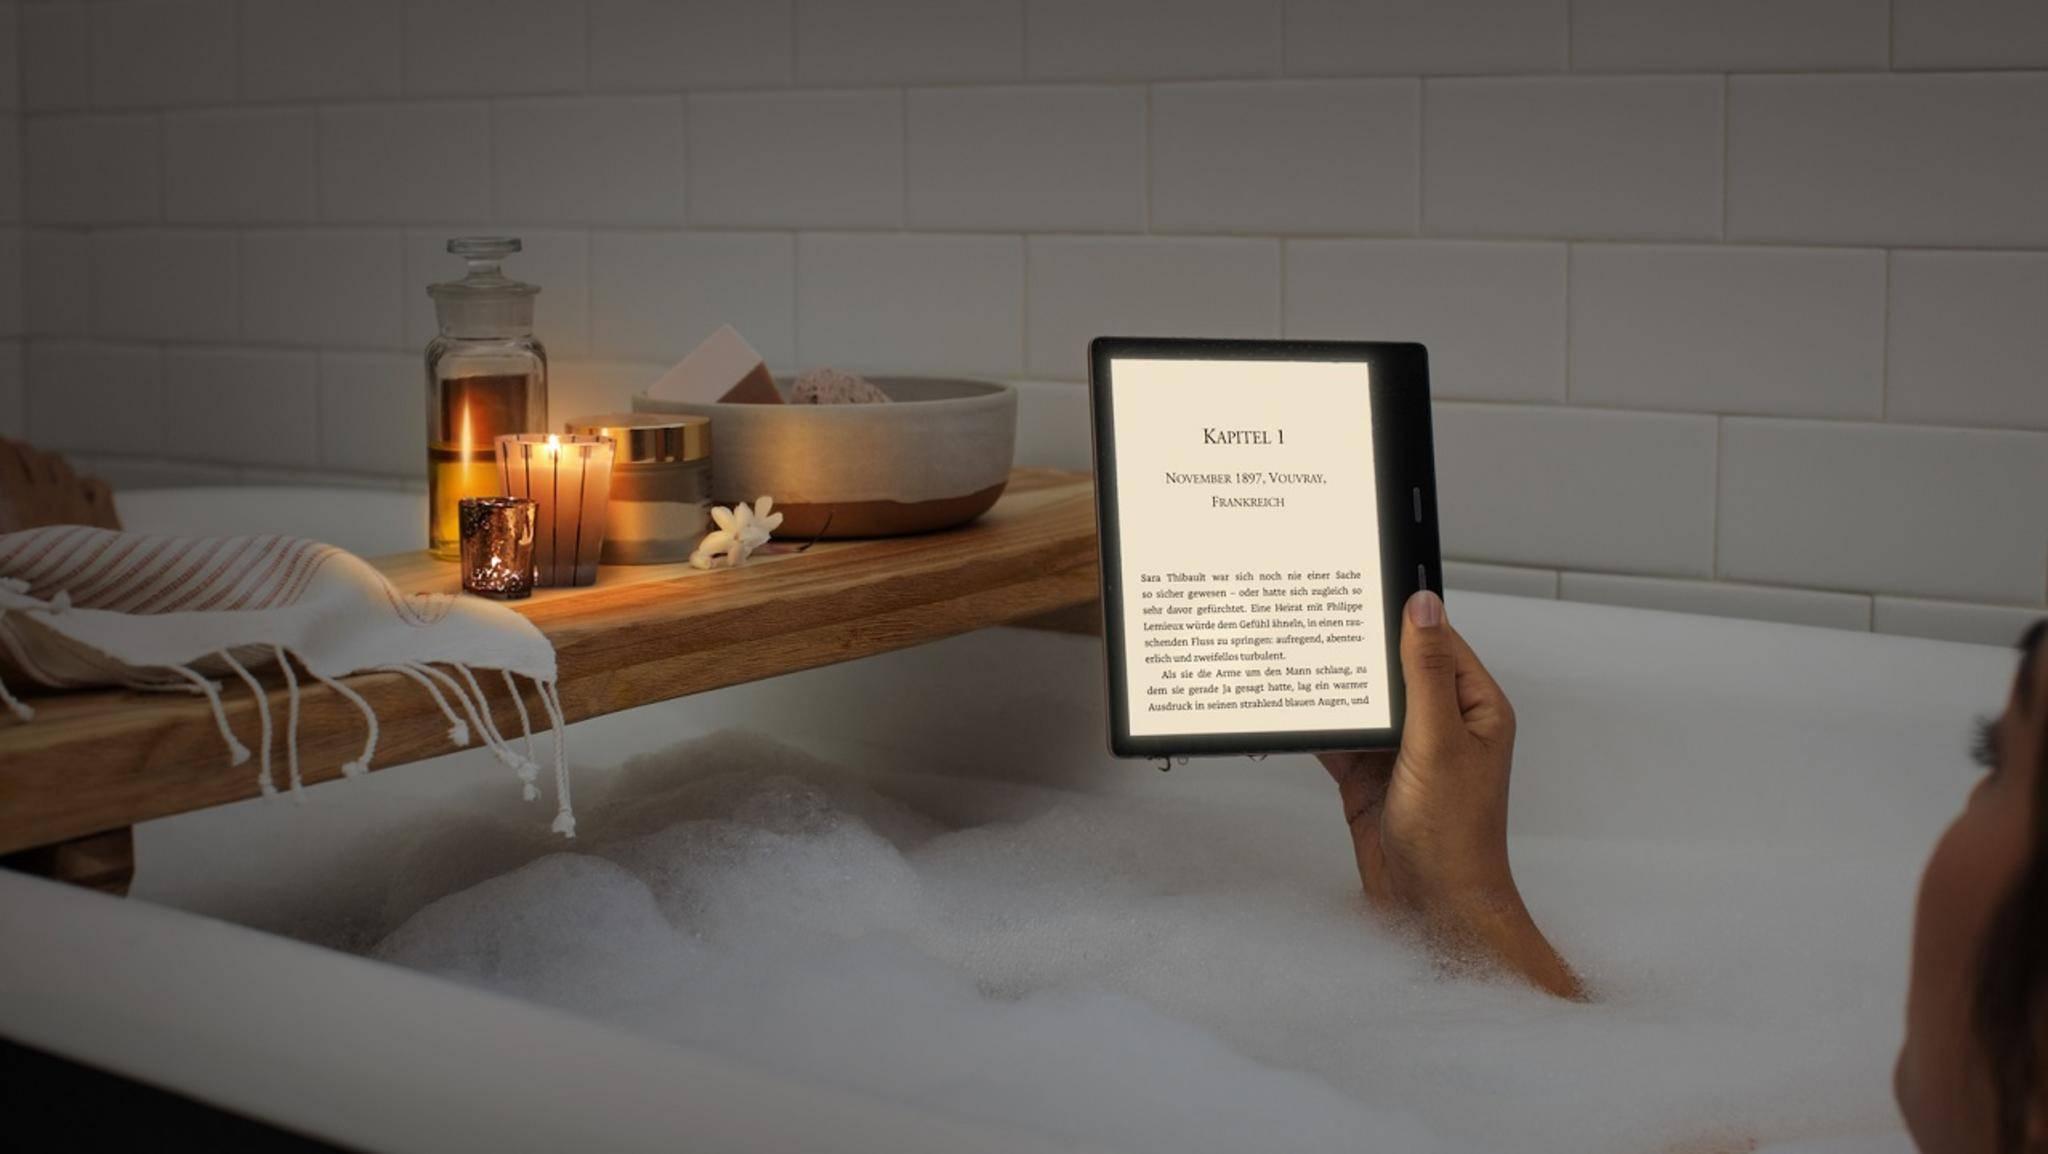 Der Farbtemperaturregler des neuen Kindle Oasis soll das Lesen im Dunkeln angenehmer machen.